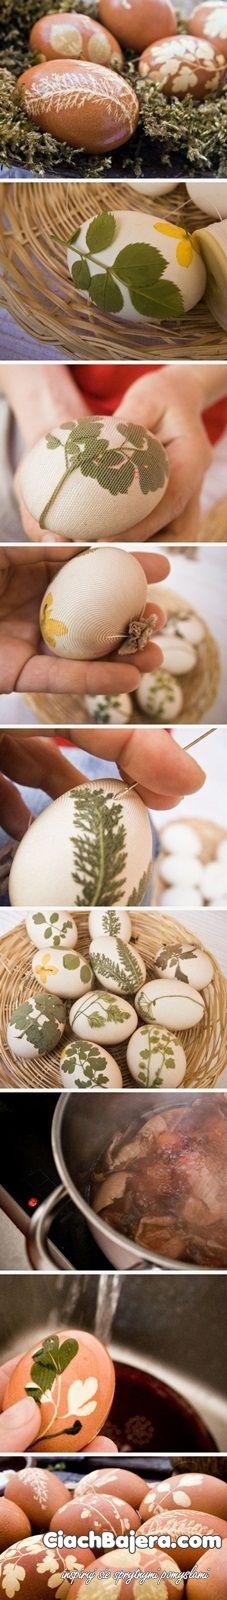 zdobienie jajek na wielkanoc